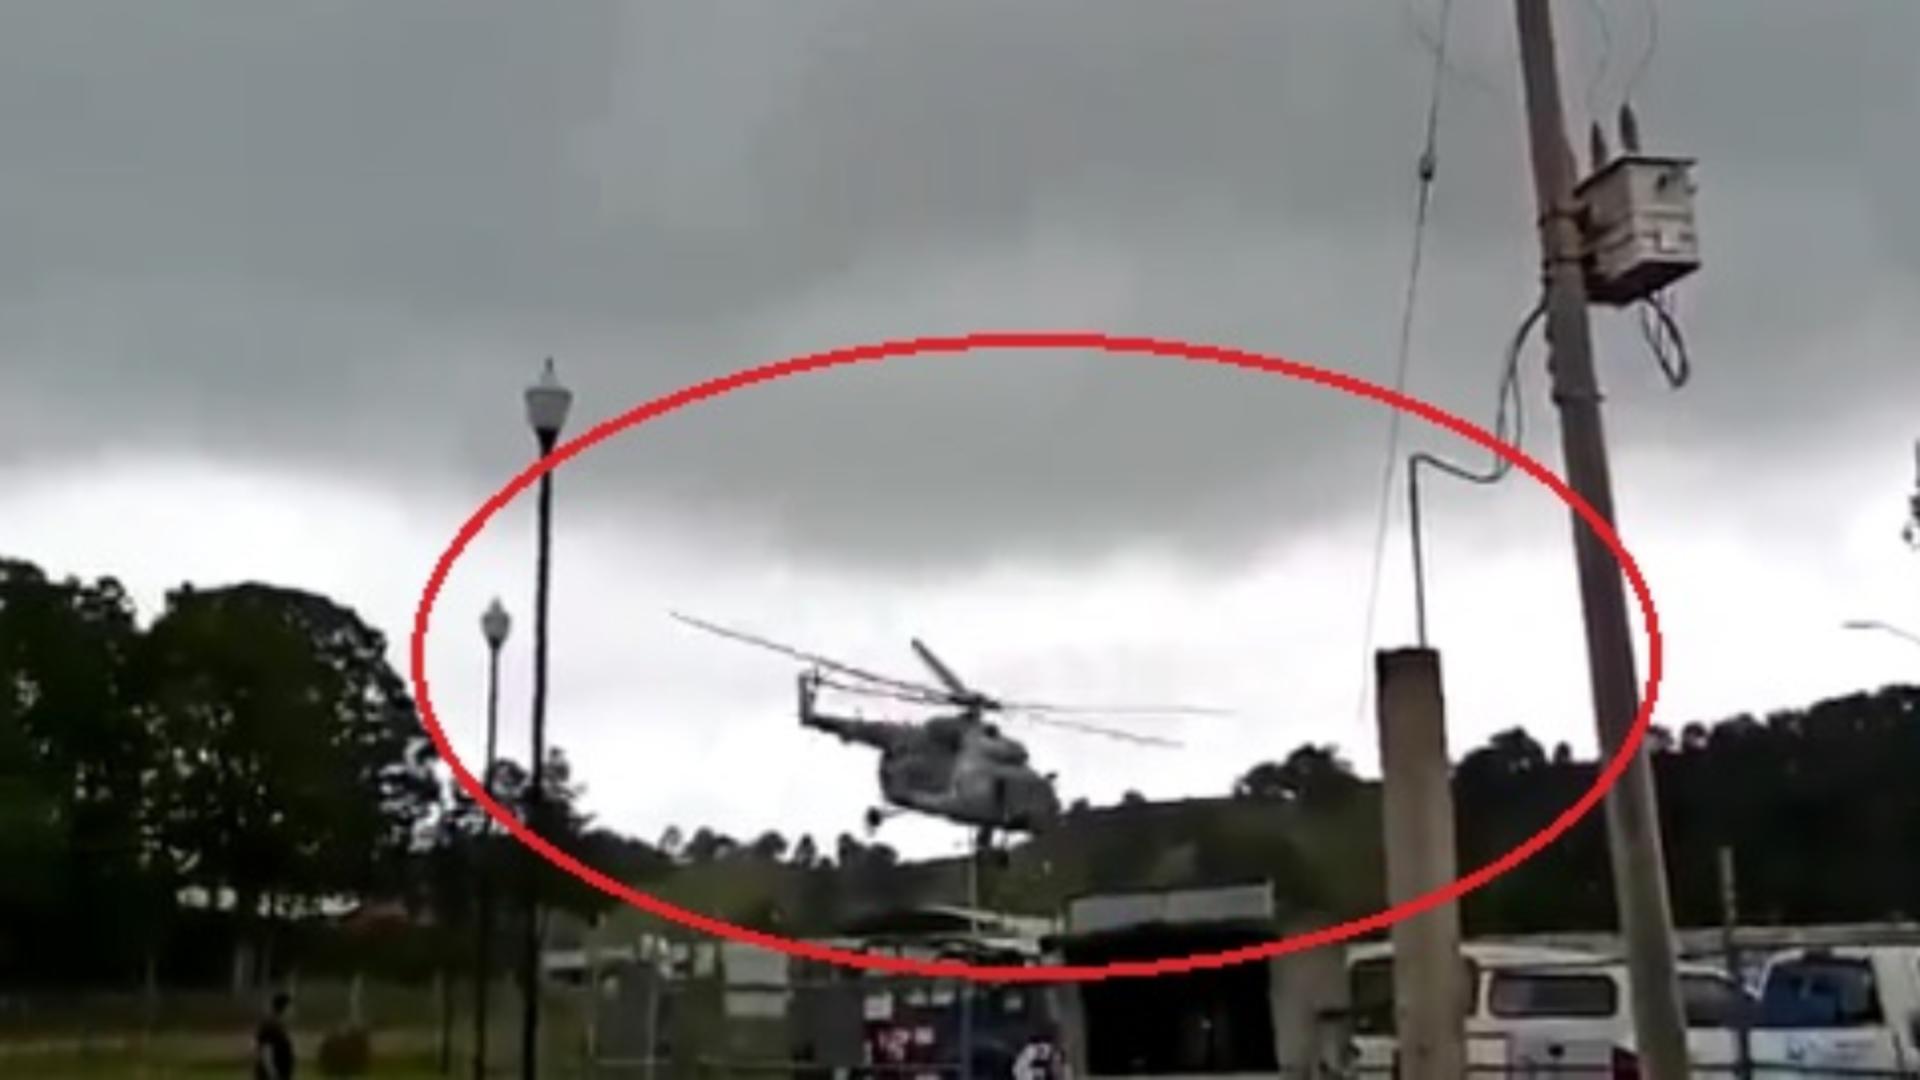 Elicopter prăbușit, în Mexic. Ministrul de Interne era la bord